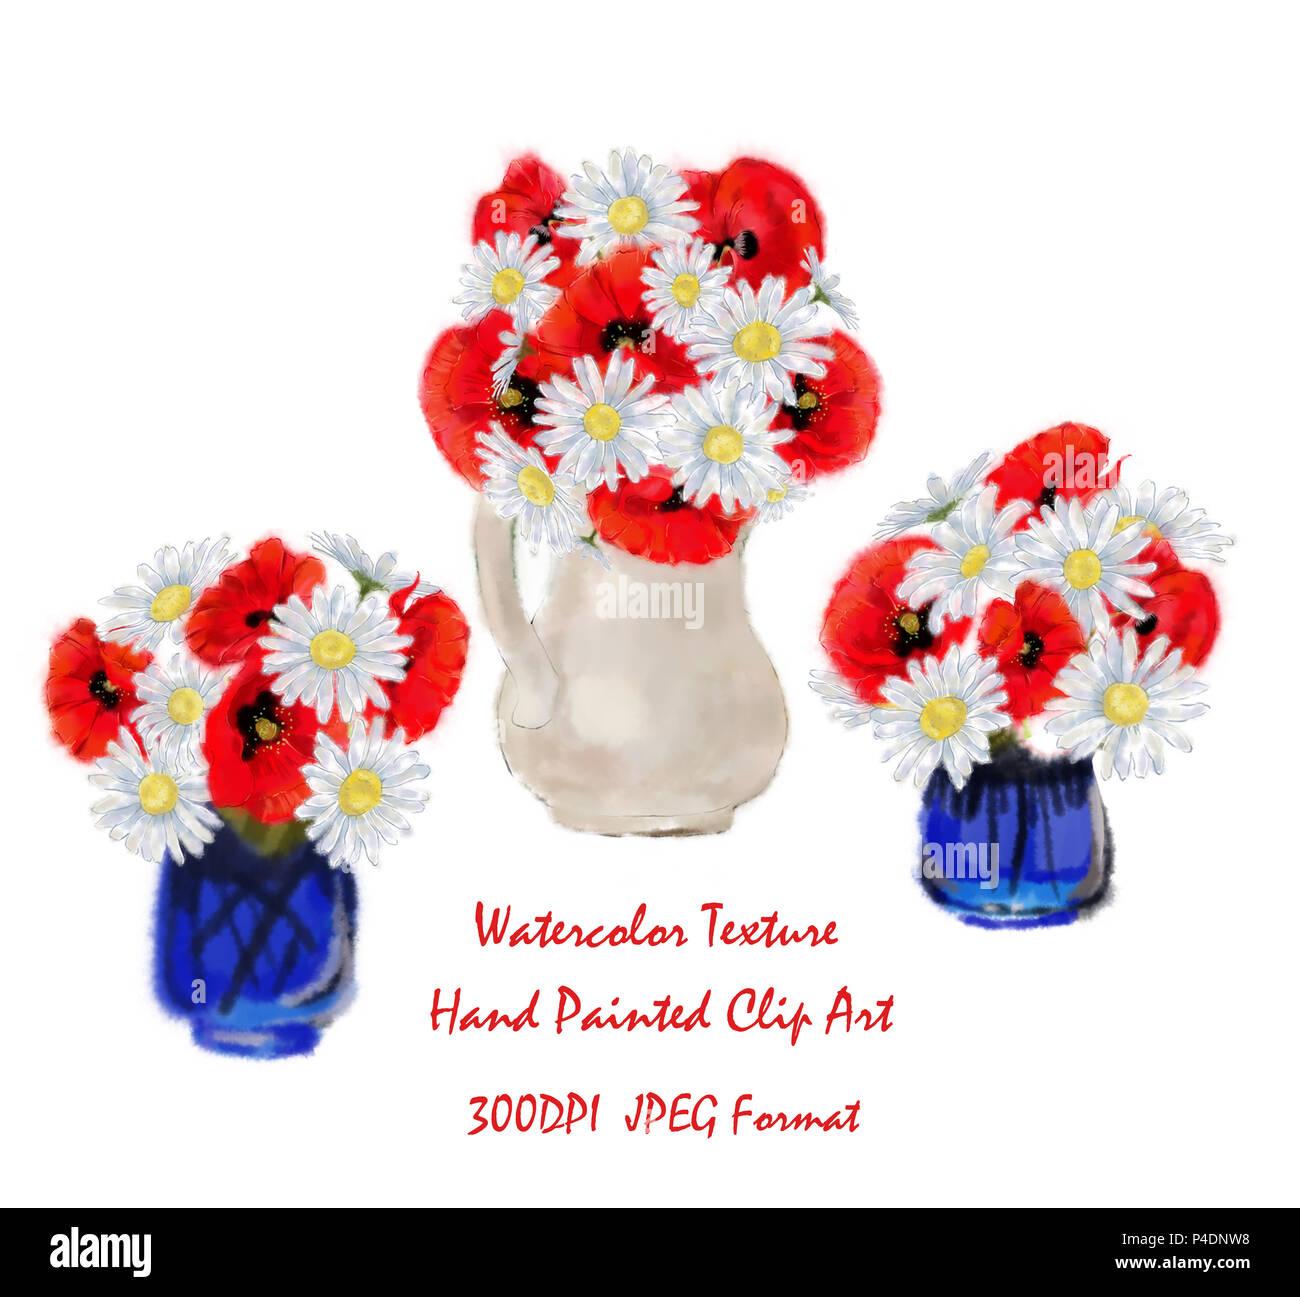 Conjunto de tres arreglos florales aislado sobre fondo blanco. Daisy tricolor y amapola Ramos en azul y blanco jarrones de imágenes prediseñadas, tarjetas, pósteres. Imagen De Stock